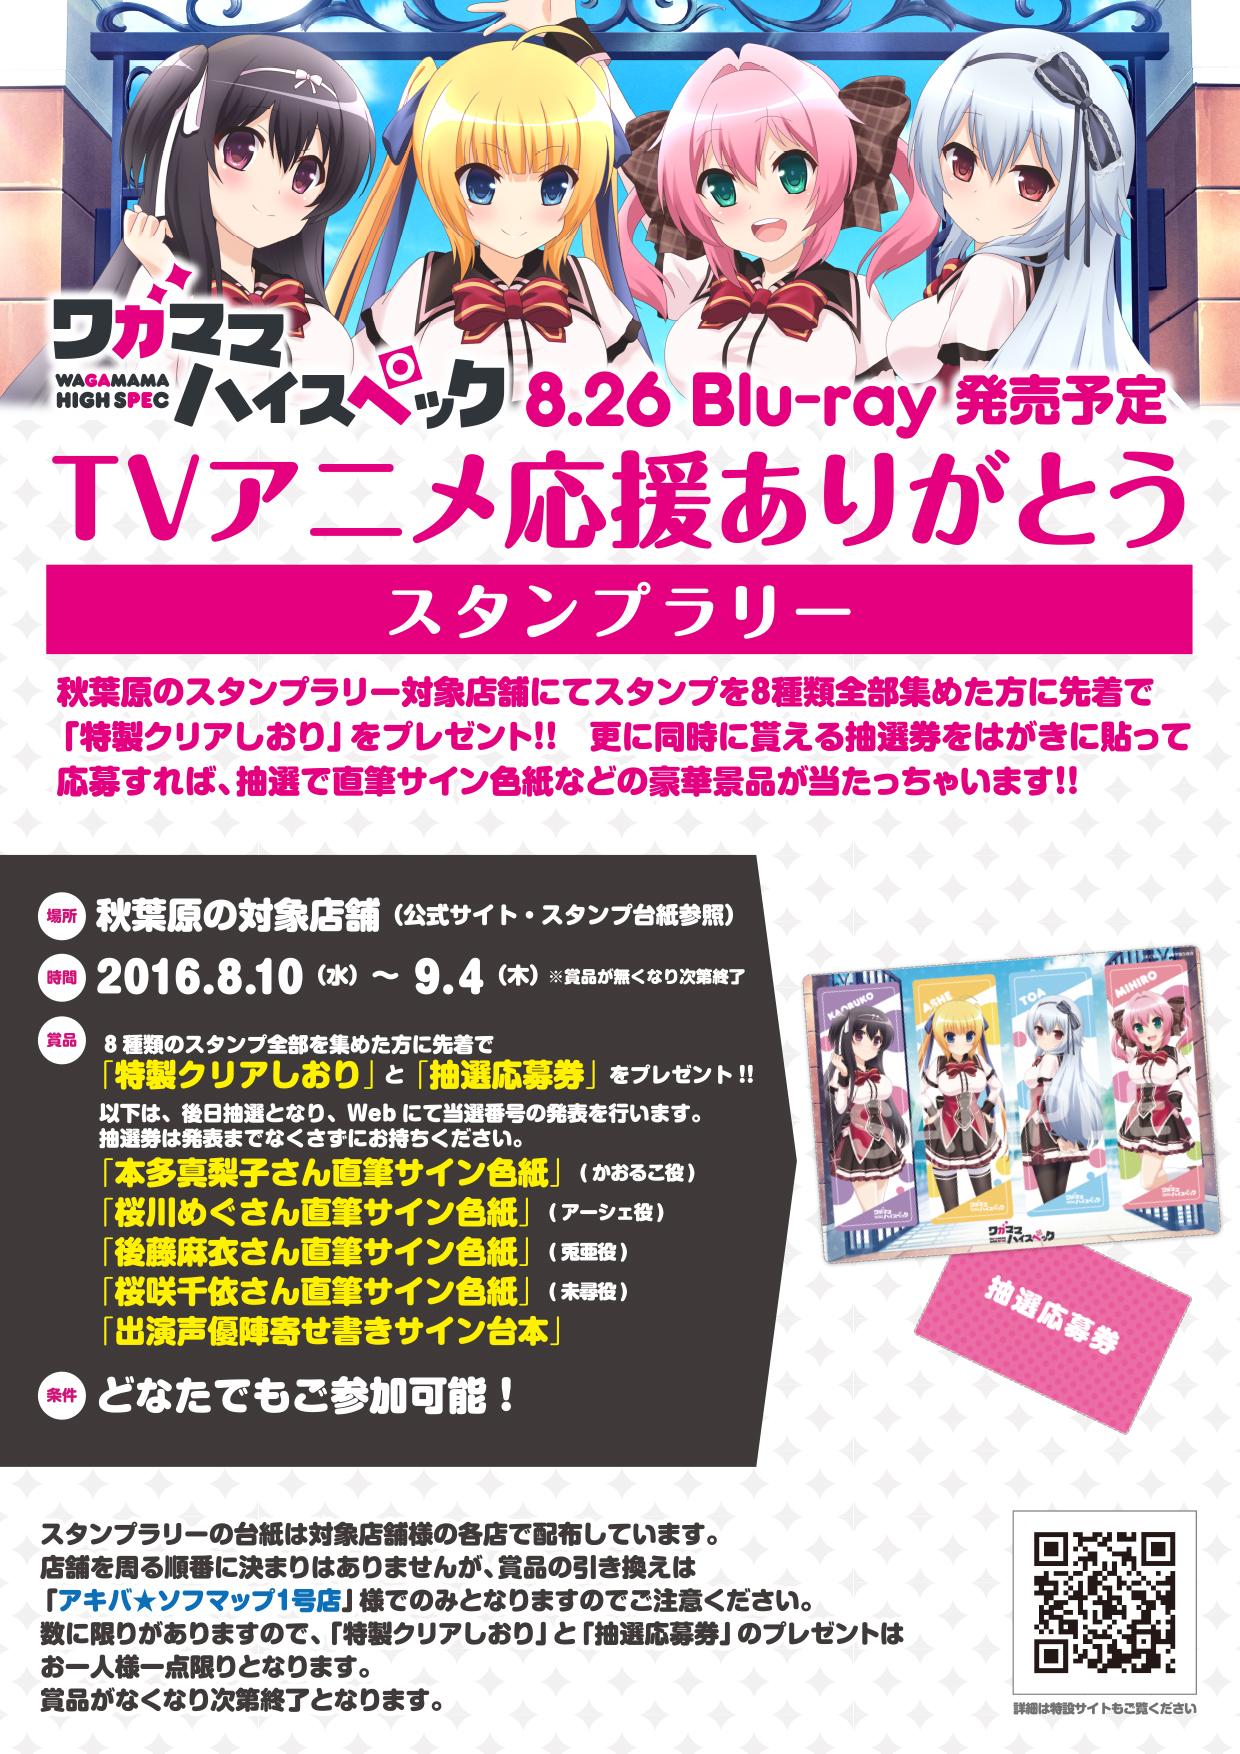 TVアニメ応援ありがとうスタンプラリー開催決定